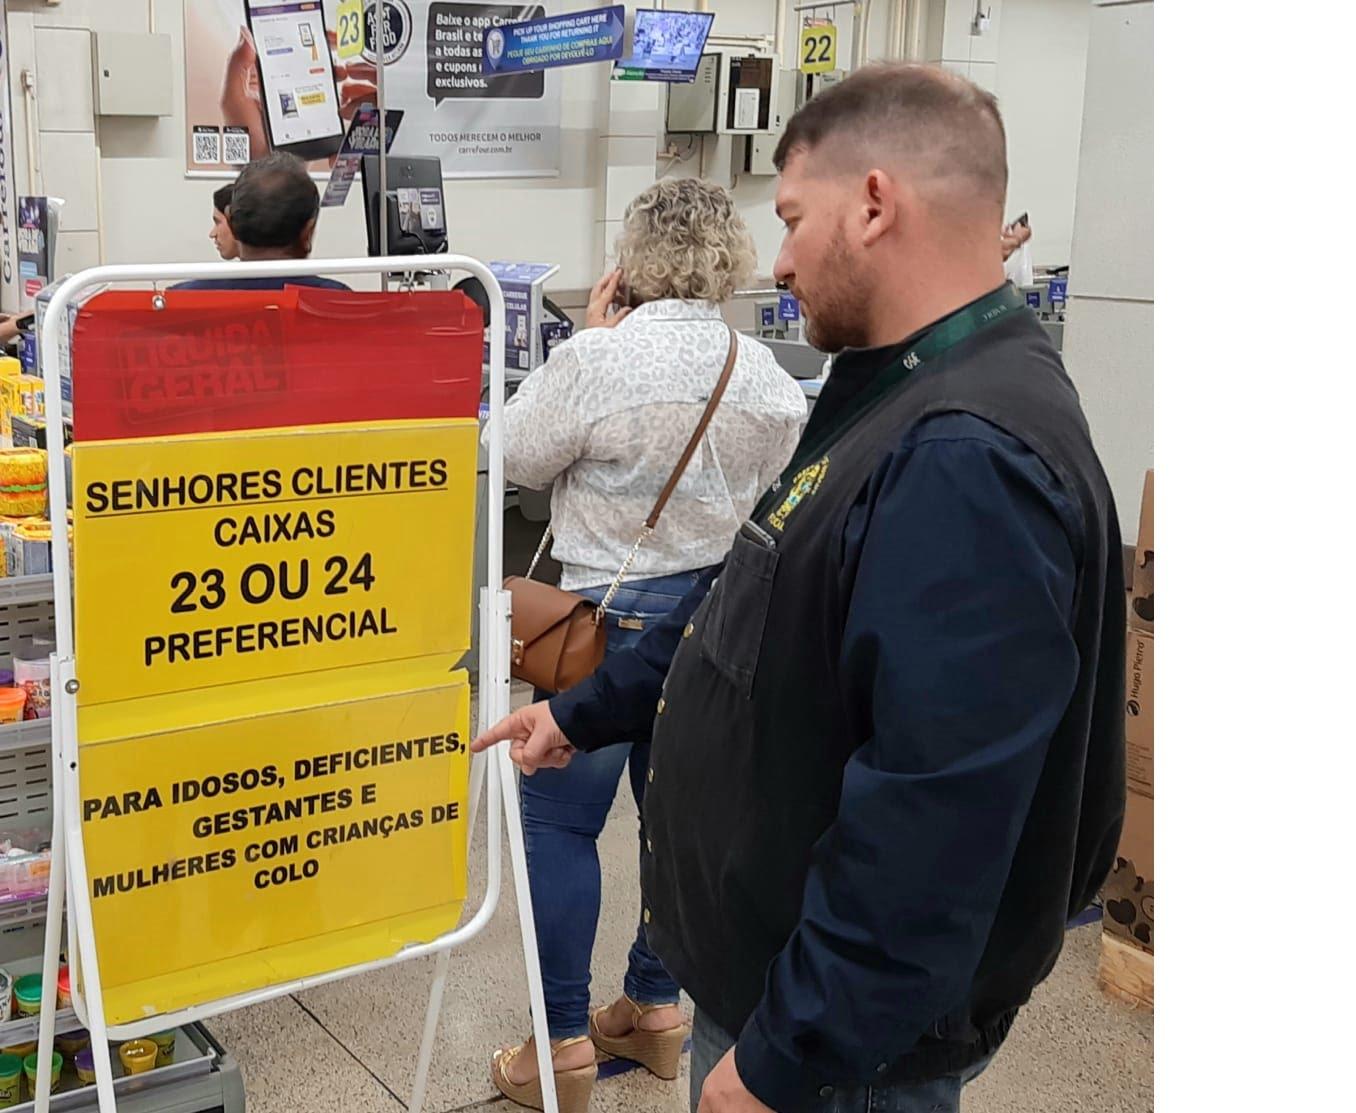 Procon Manaus autua três estabelecimentos por não cumprimento à lei preferencial aos autistas